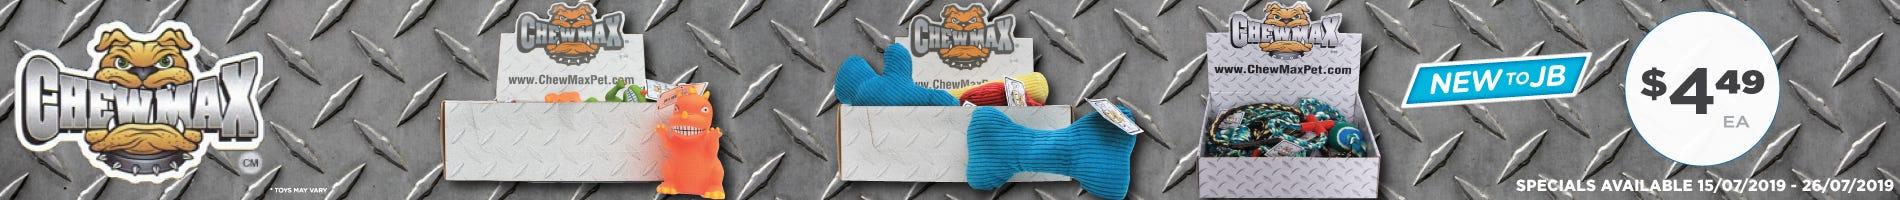 Click to Shop Chew Max